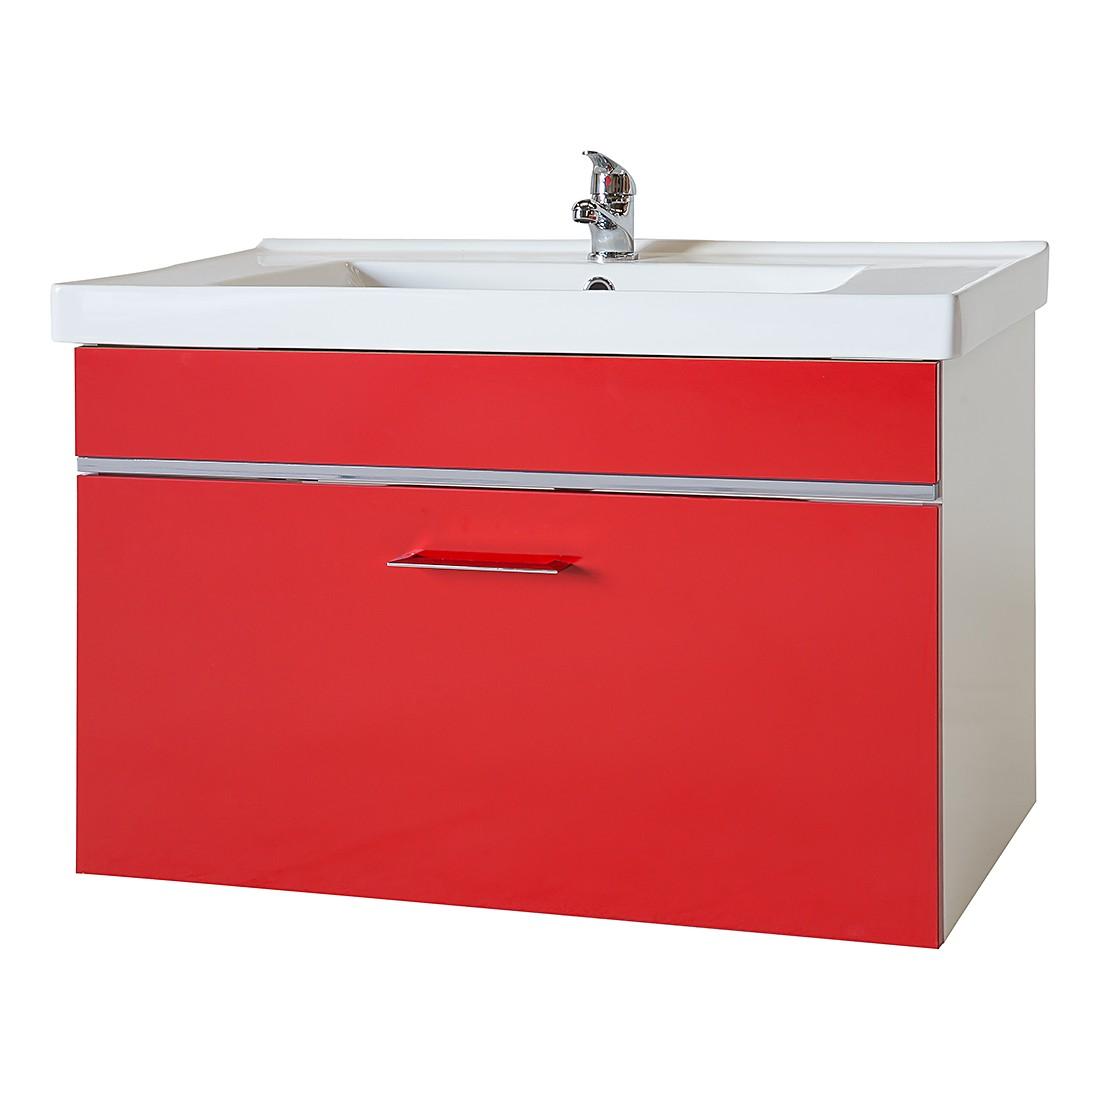 Waschtisch Amy – Rot/Weiß, Giessbach jetzt bestellen